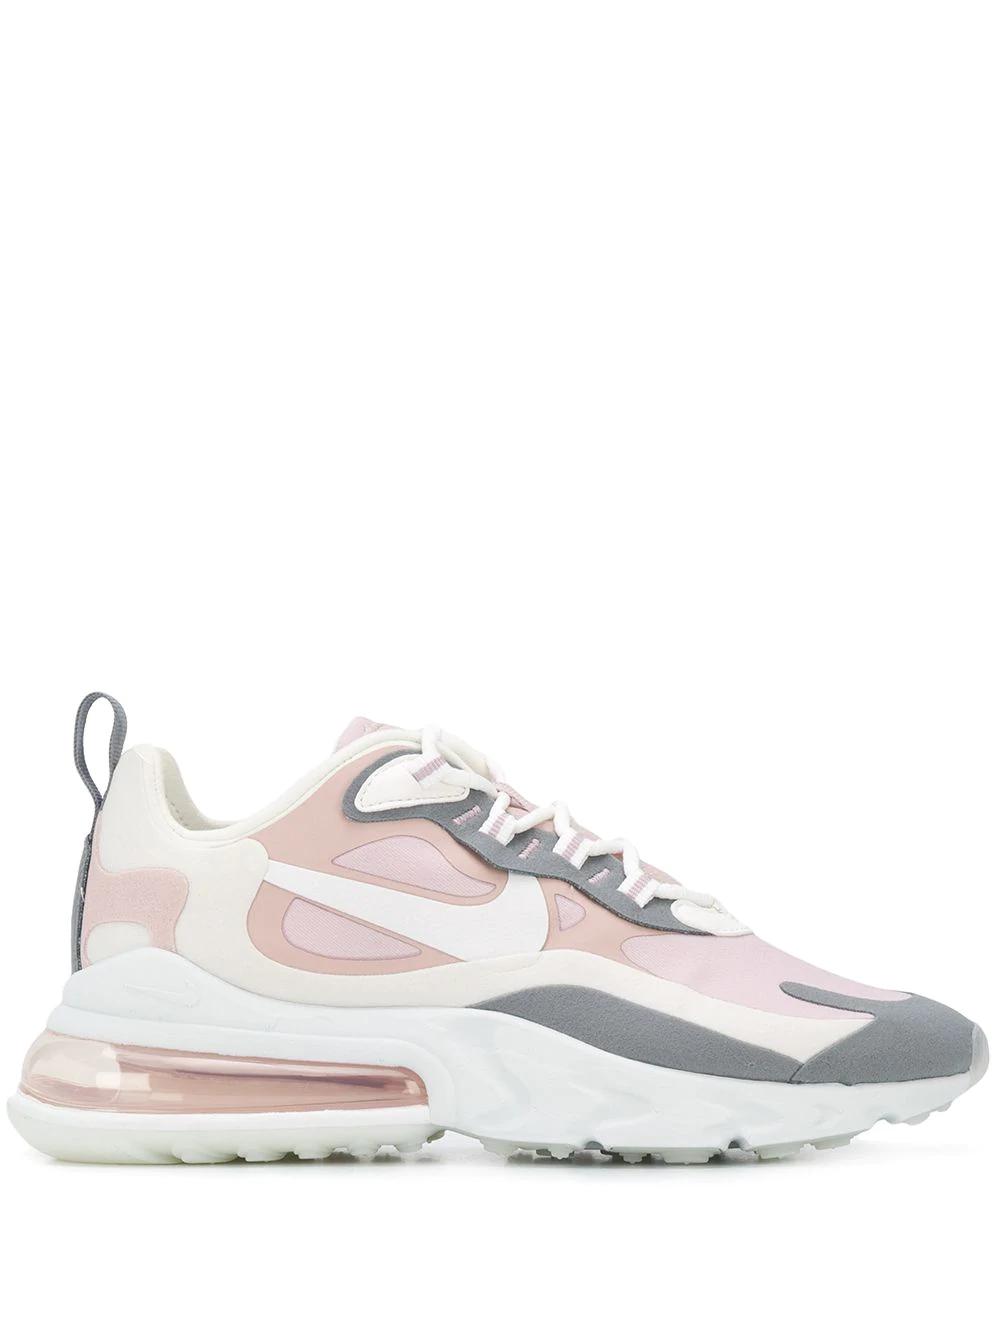 air max 270 react mujer rosas